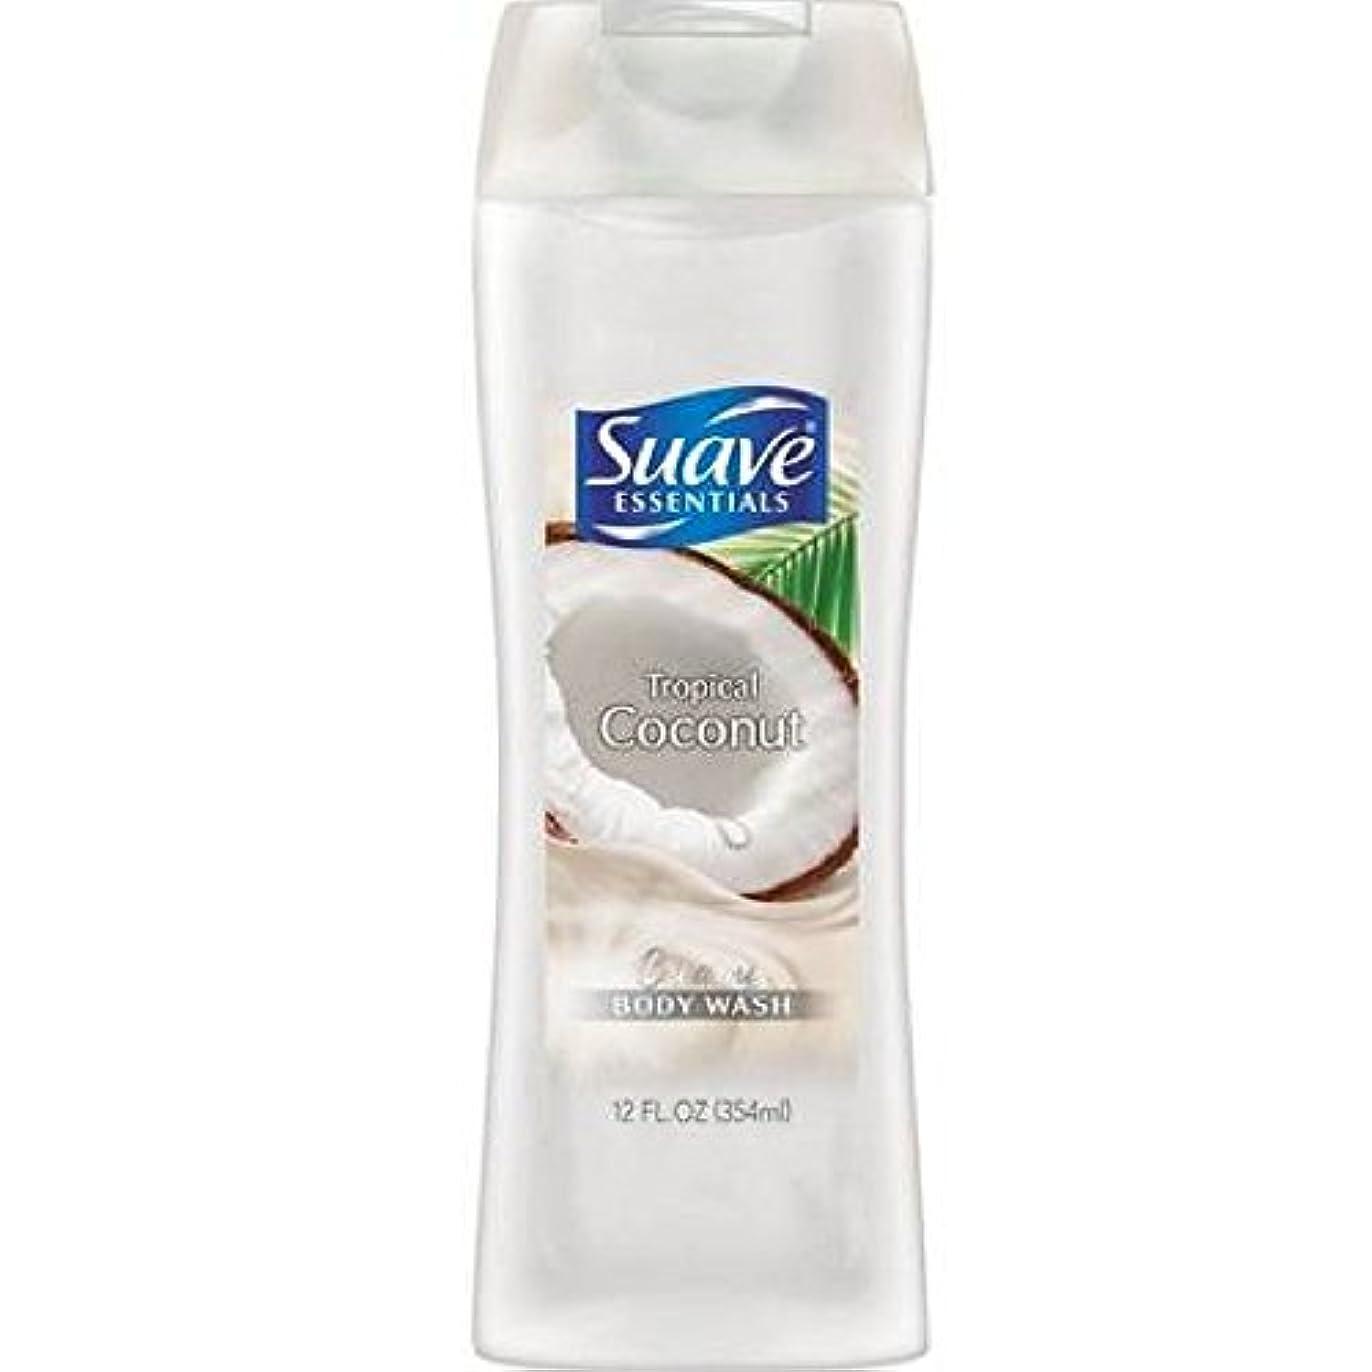 米ドル嫌いシャットSuave Naturals Body Wash - Tropical Coconut - 12 oz - 2 pk by Suave [並行輸入品]